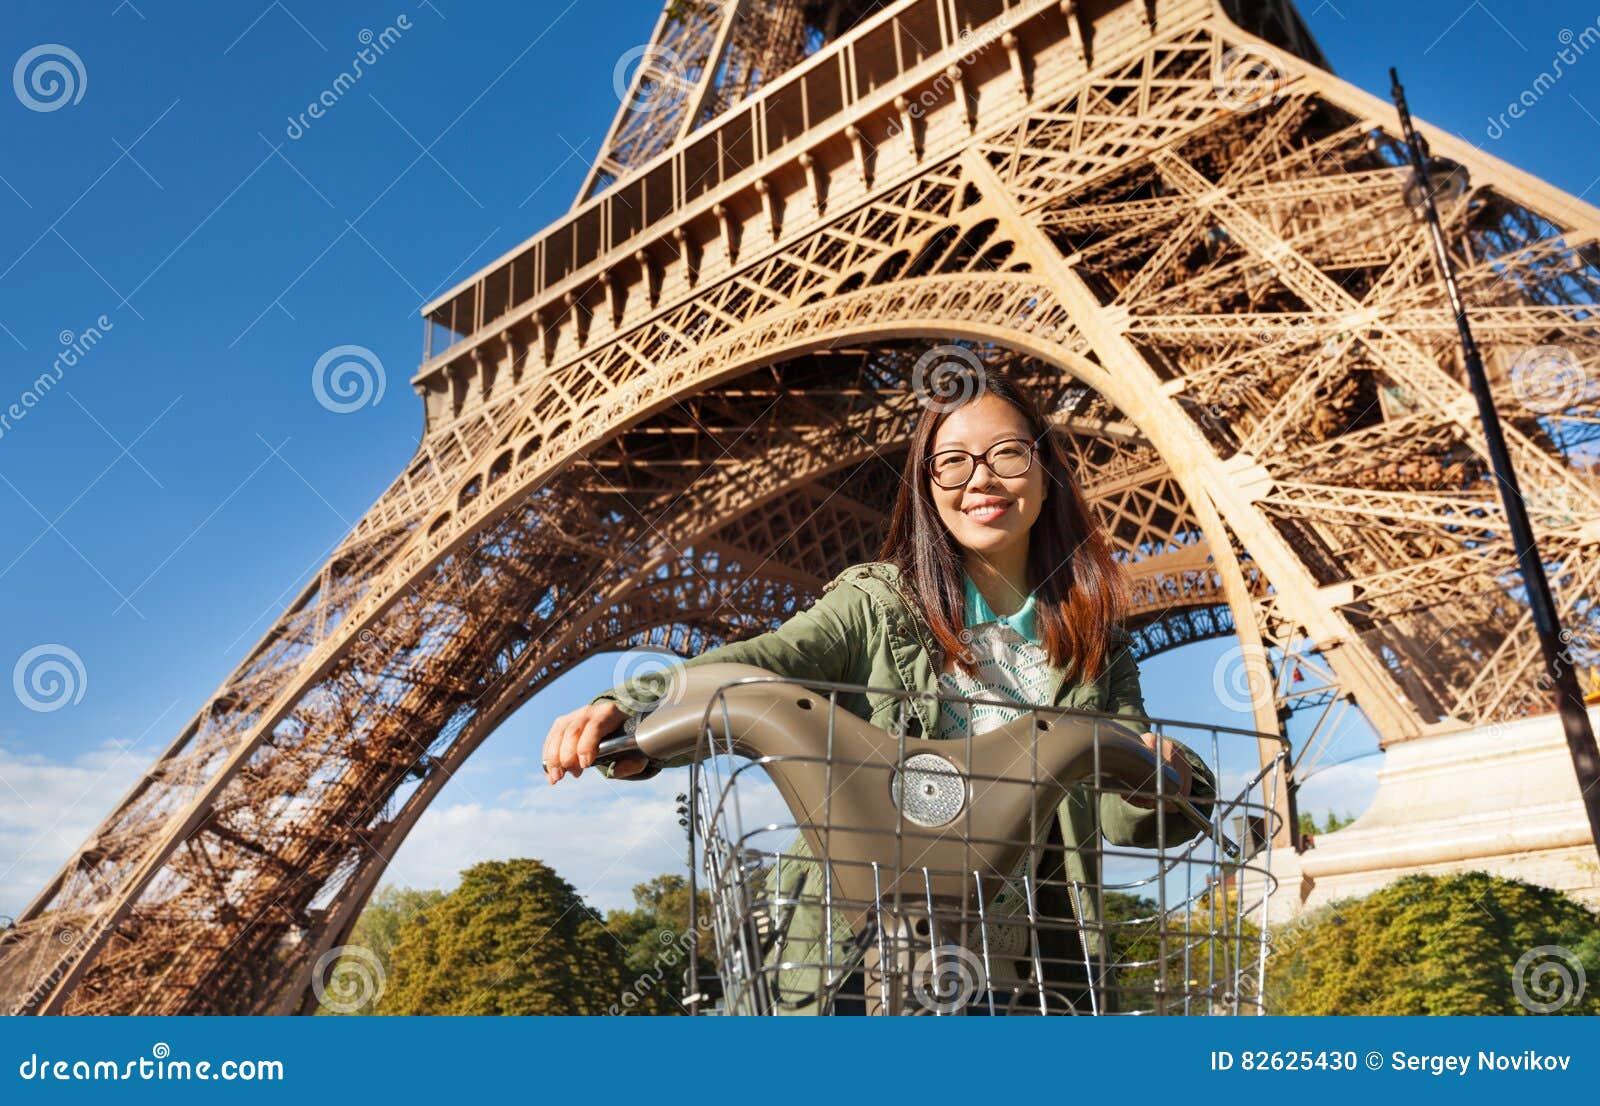 Joli vélo d équitation de jeune femme près de Tour Eiffel